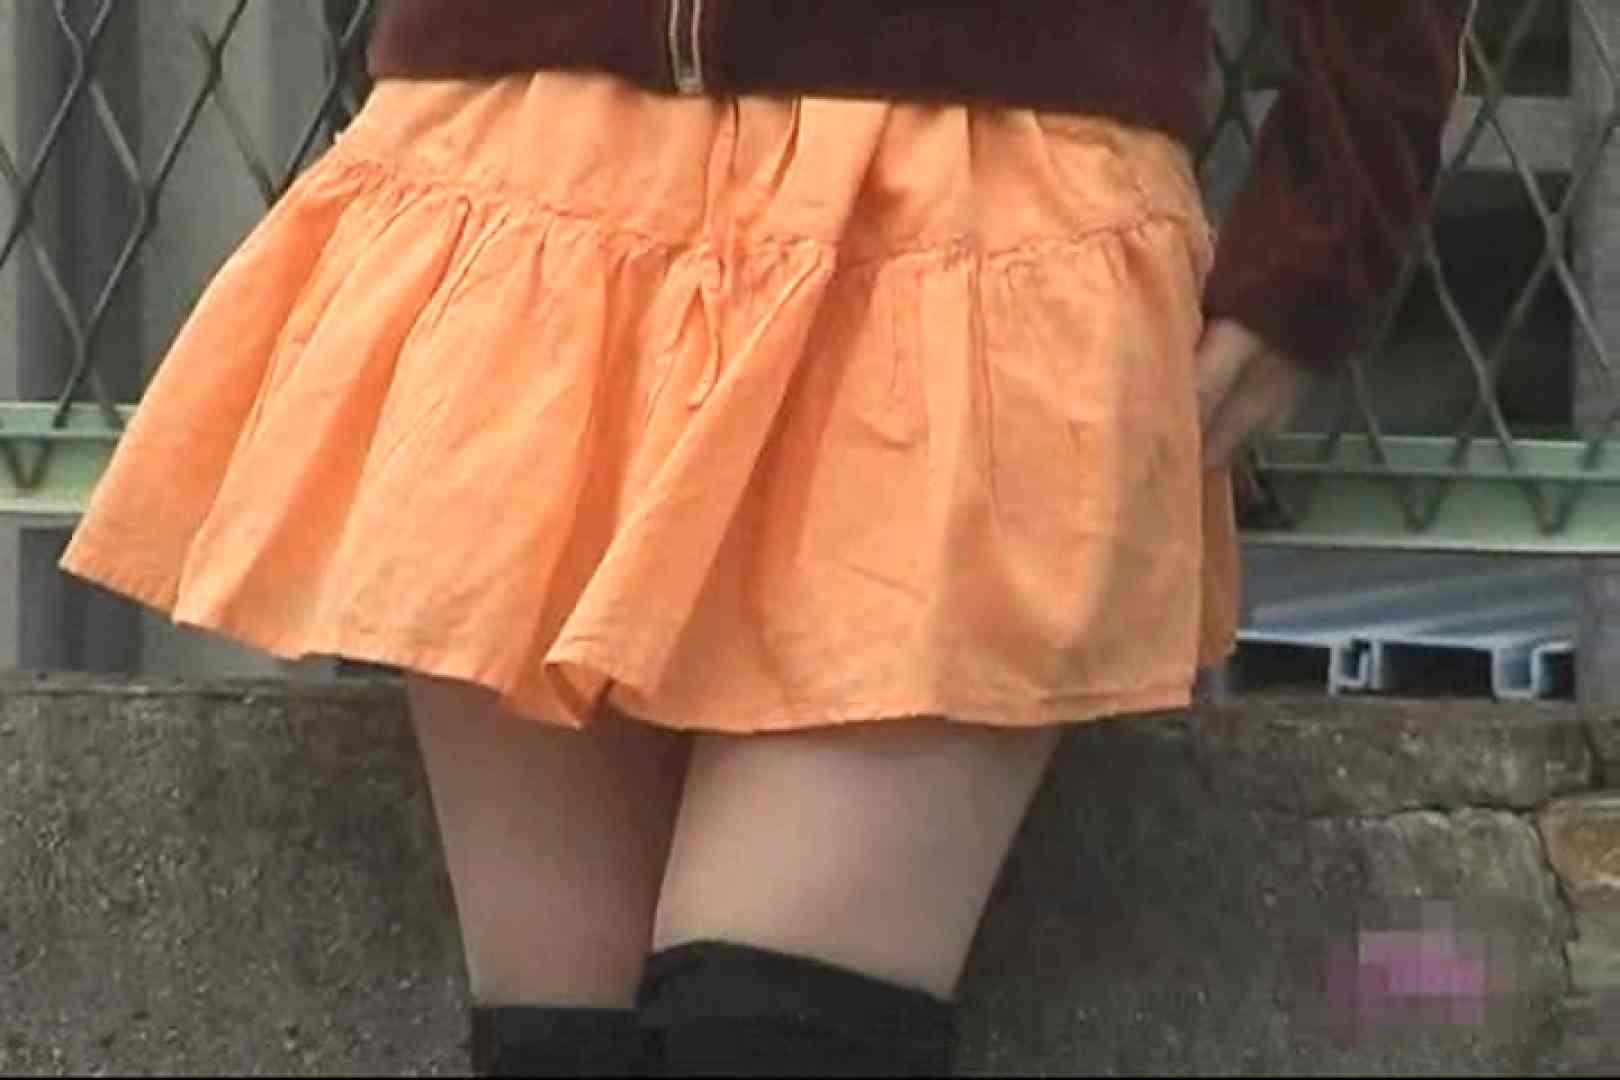 検証!隠し撮りスカートめくり!!Vol.2 美しいOLの裸体 | 0  103pic 45